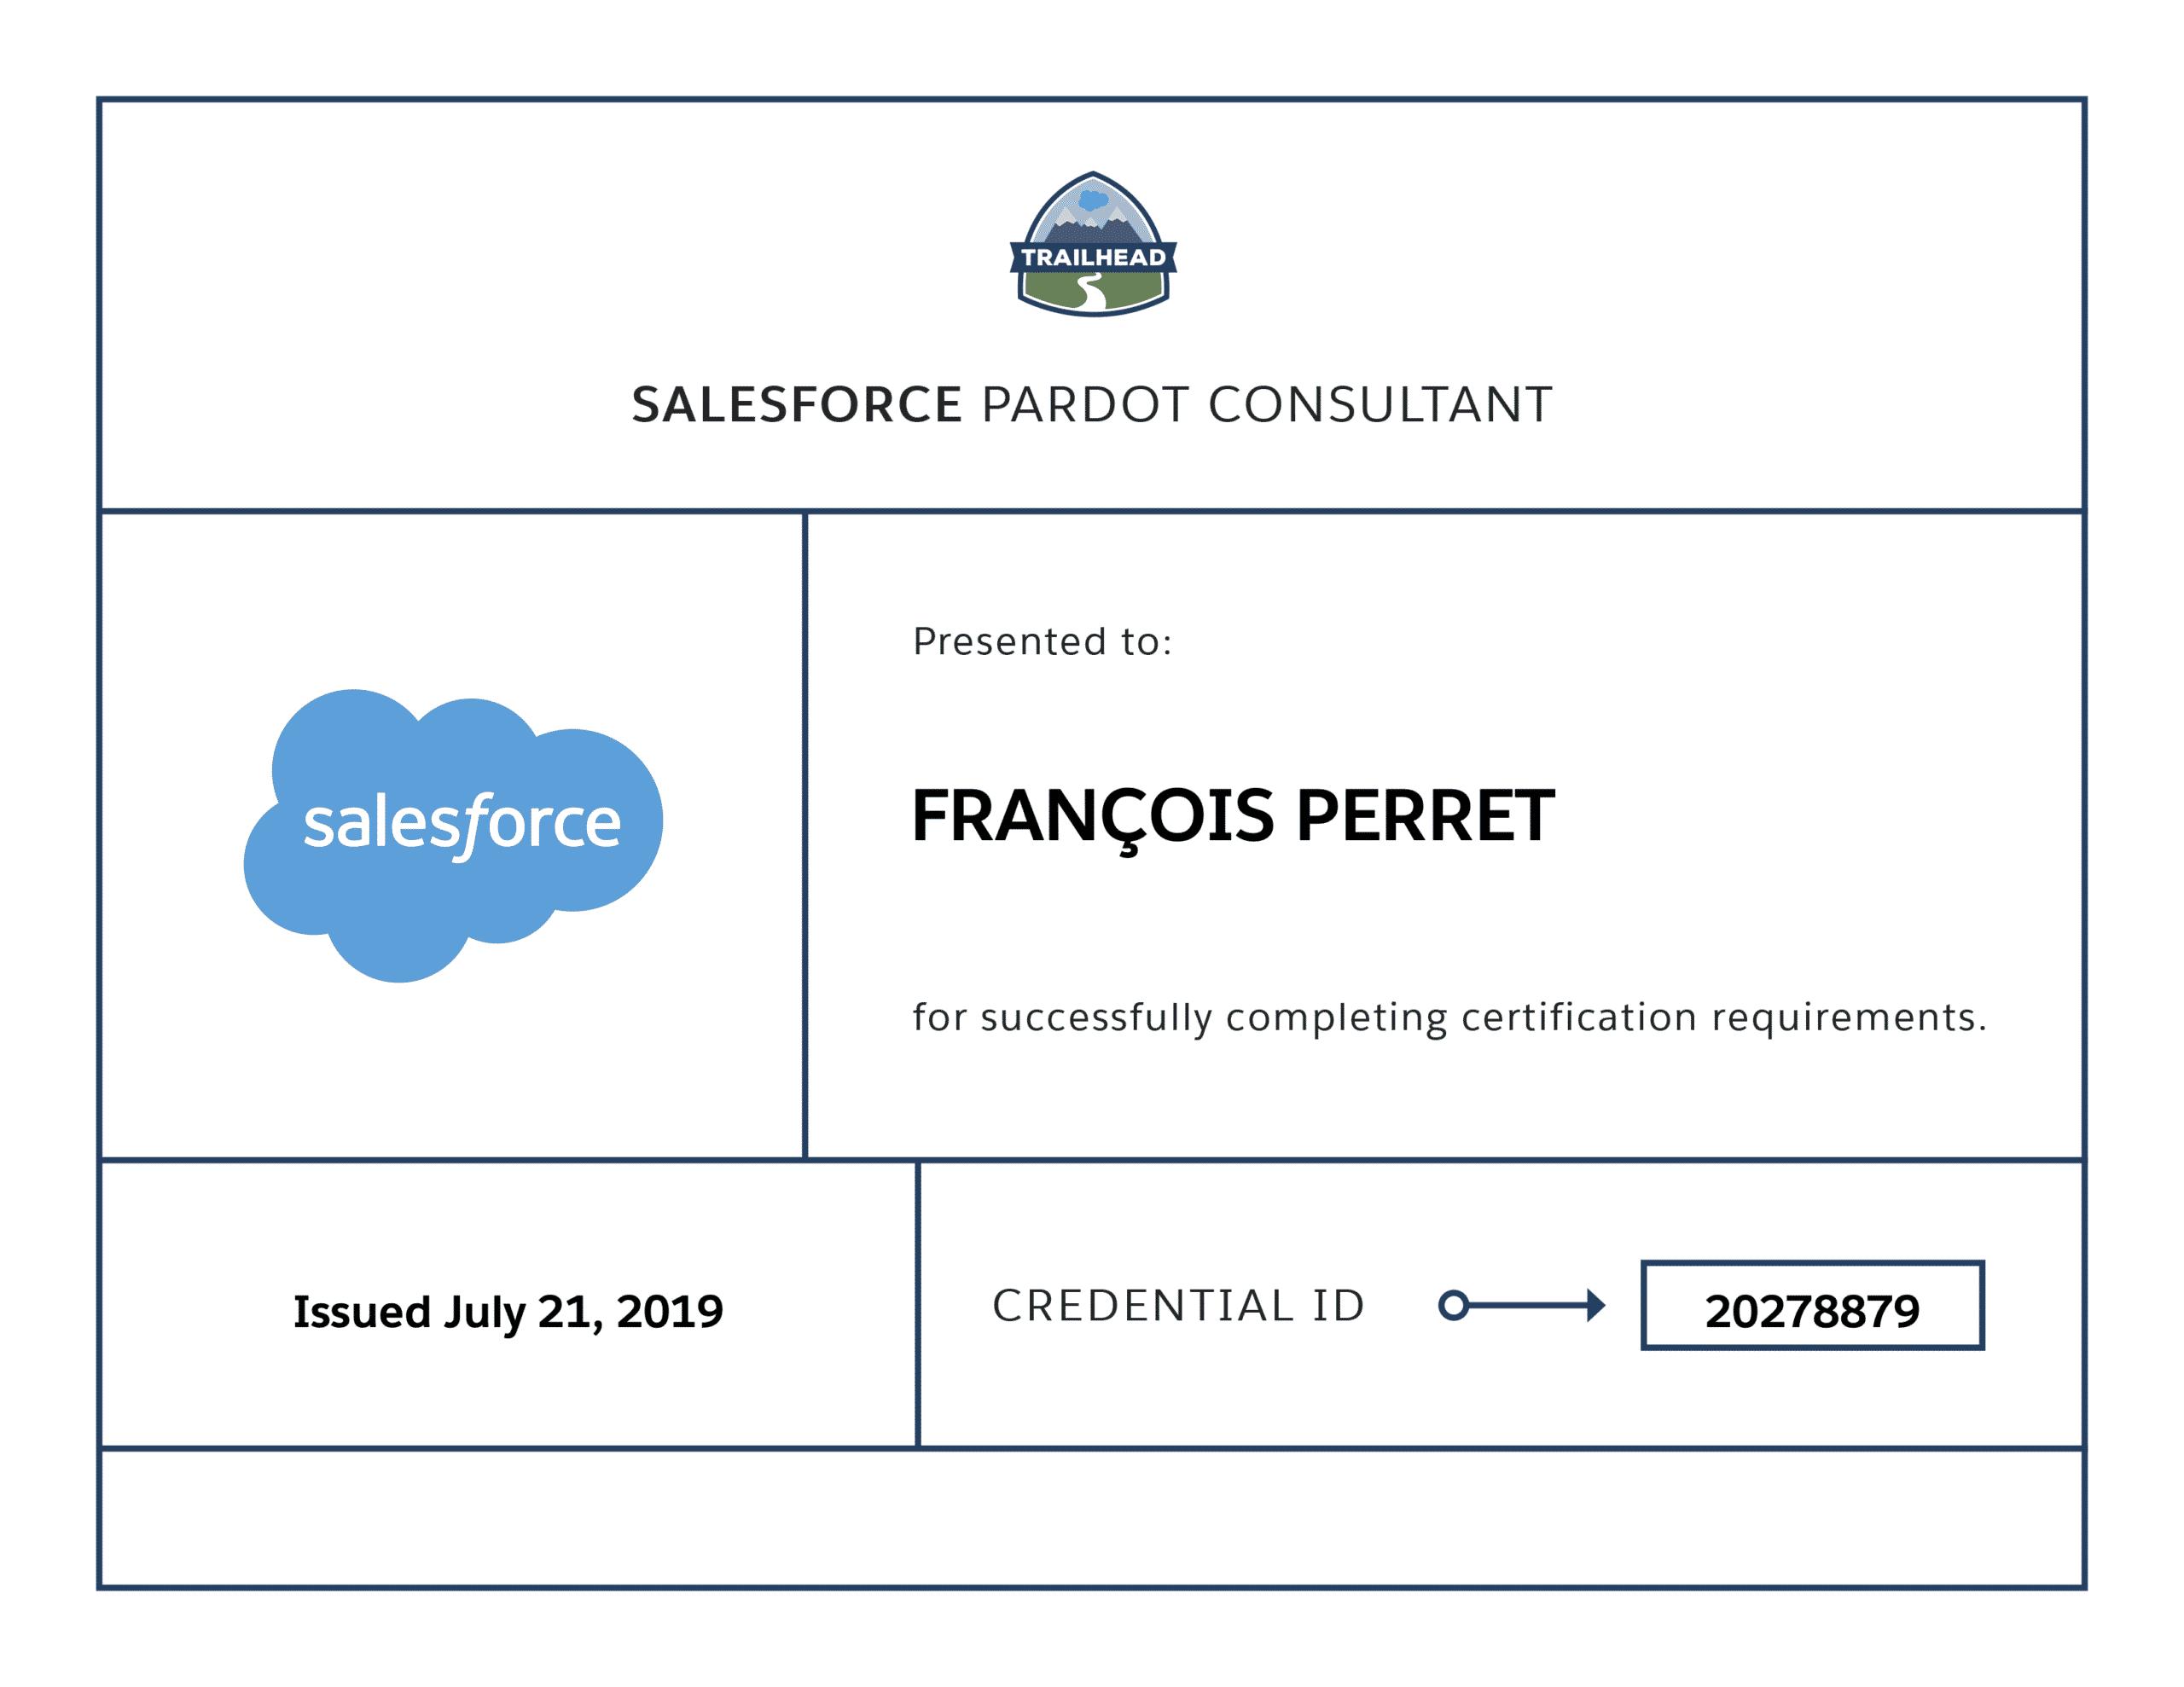 François Perret - Consultant certifié Salesforce Pardot